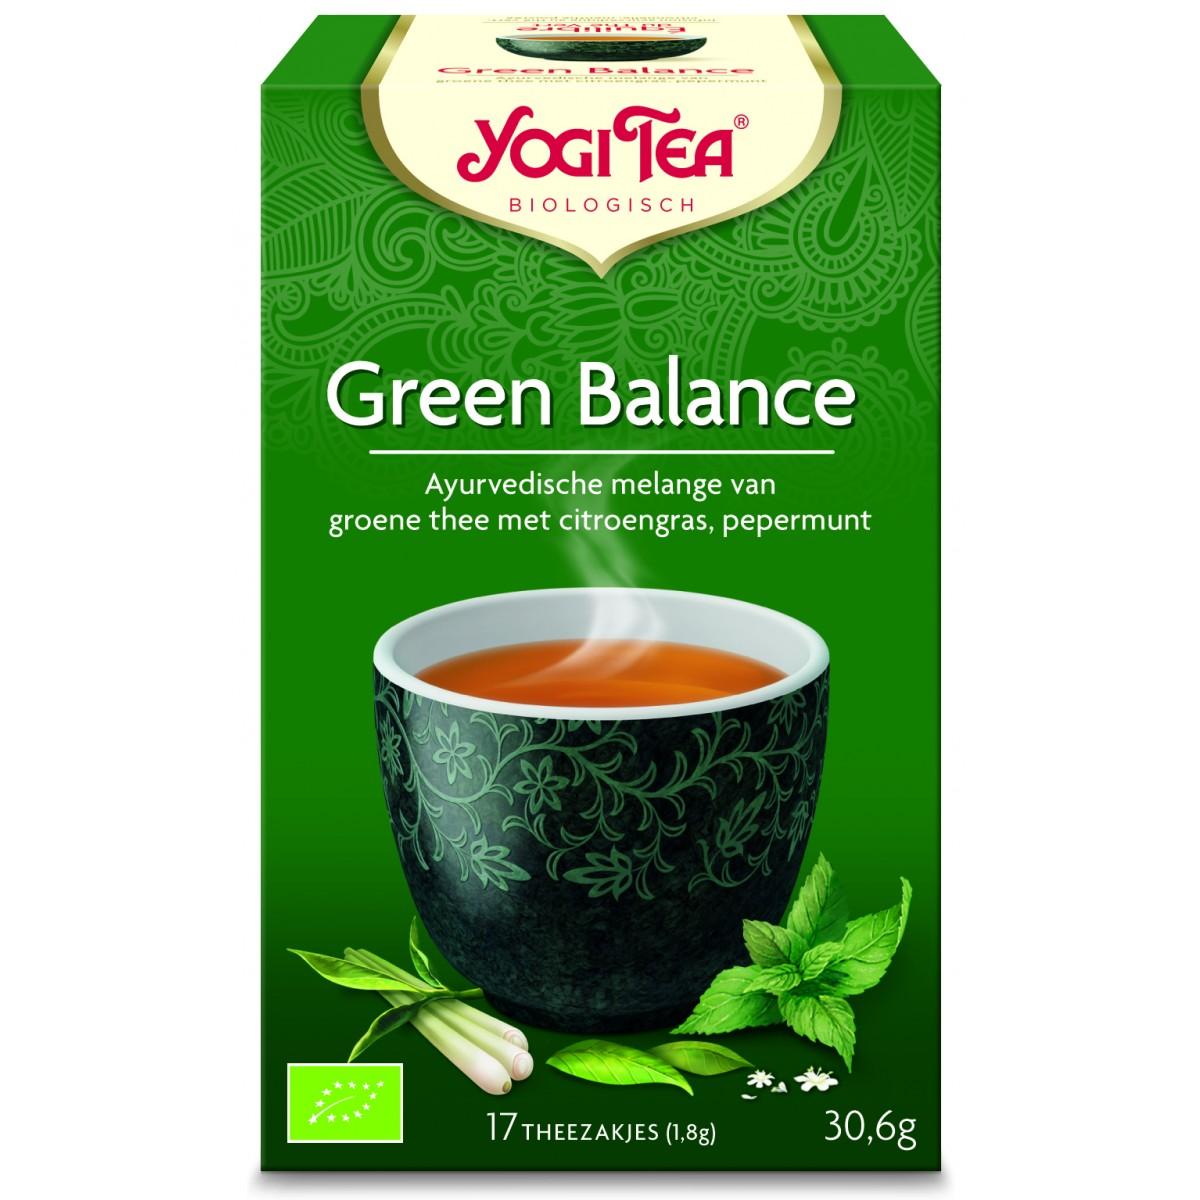 Green Balance